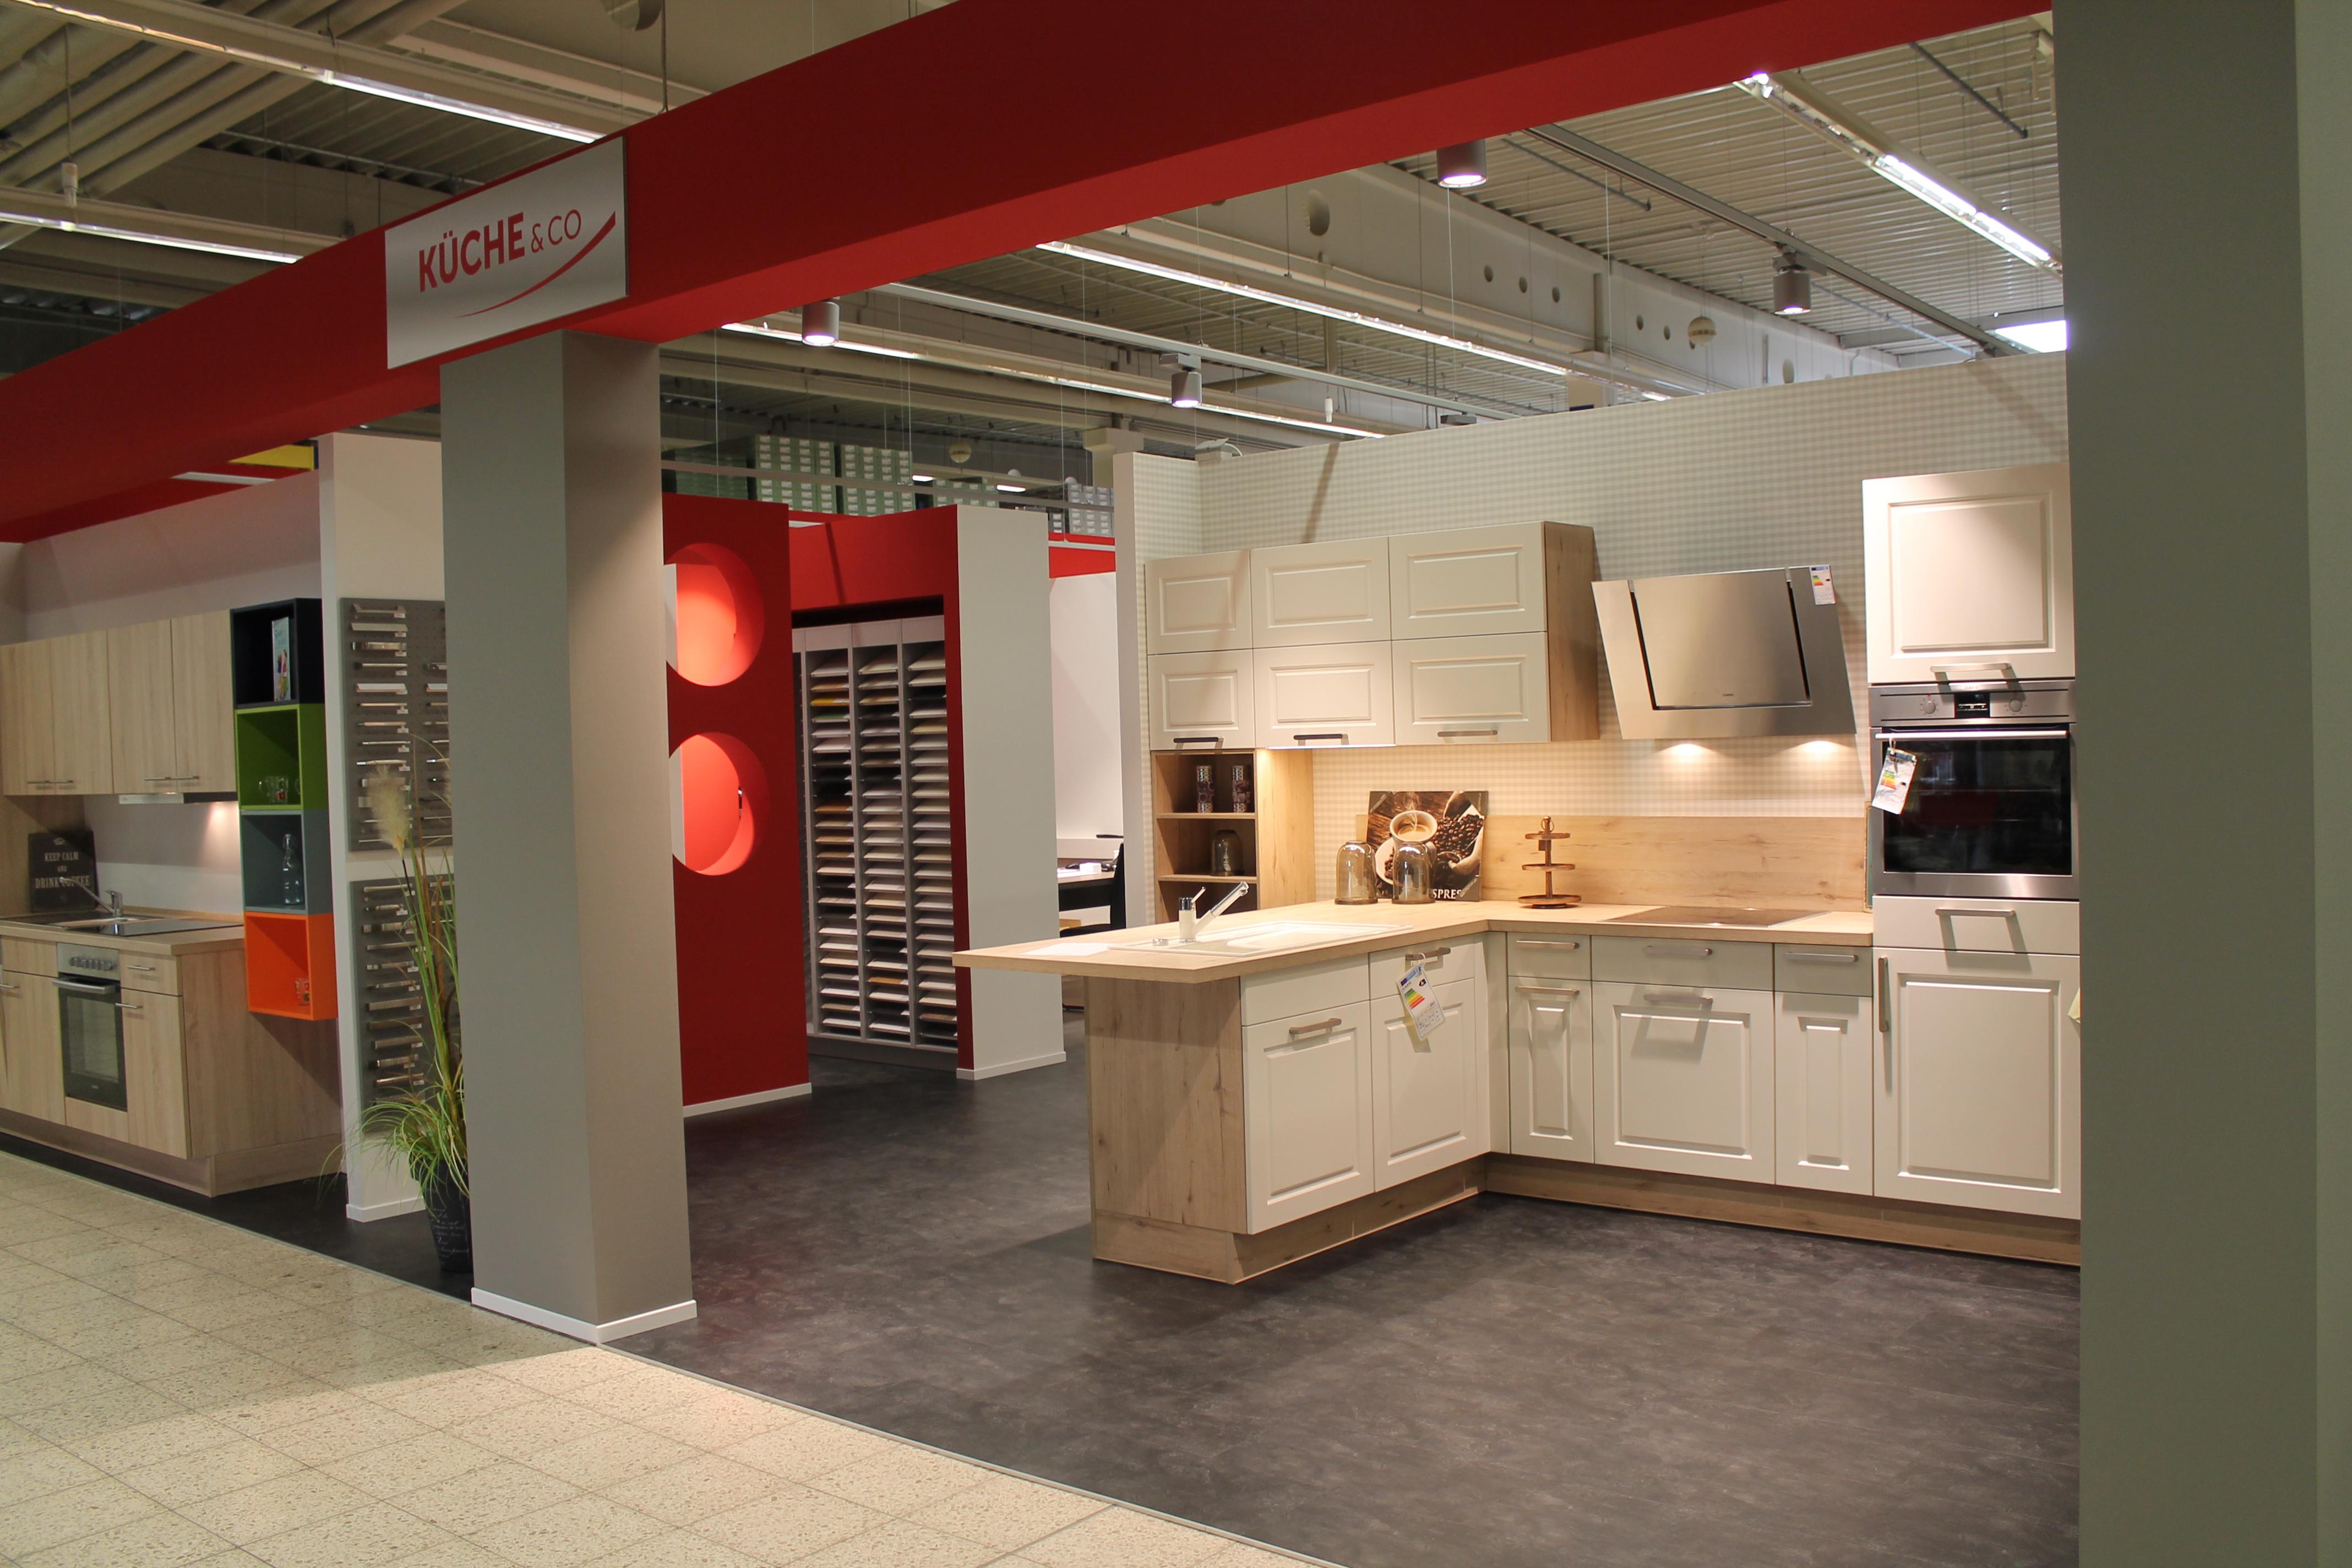 Kücheu0026Co Küchenstudio